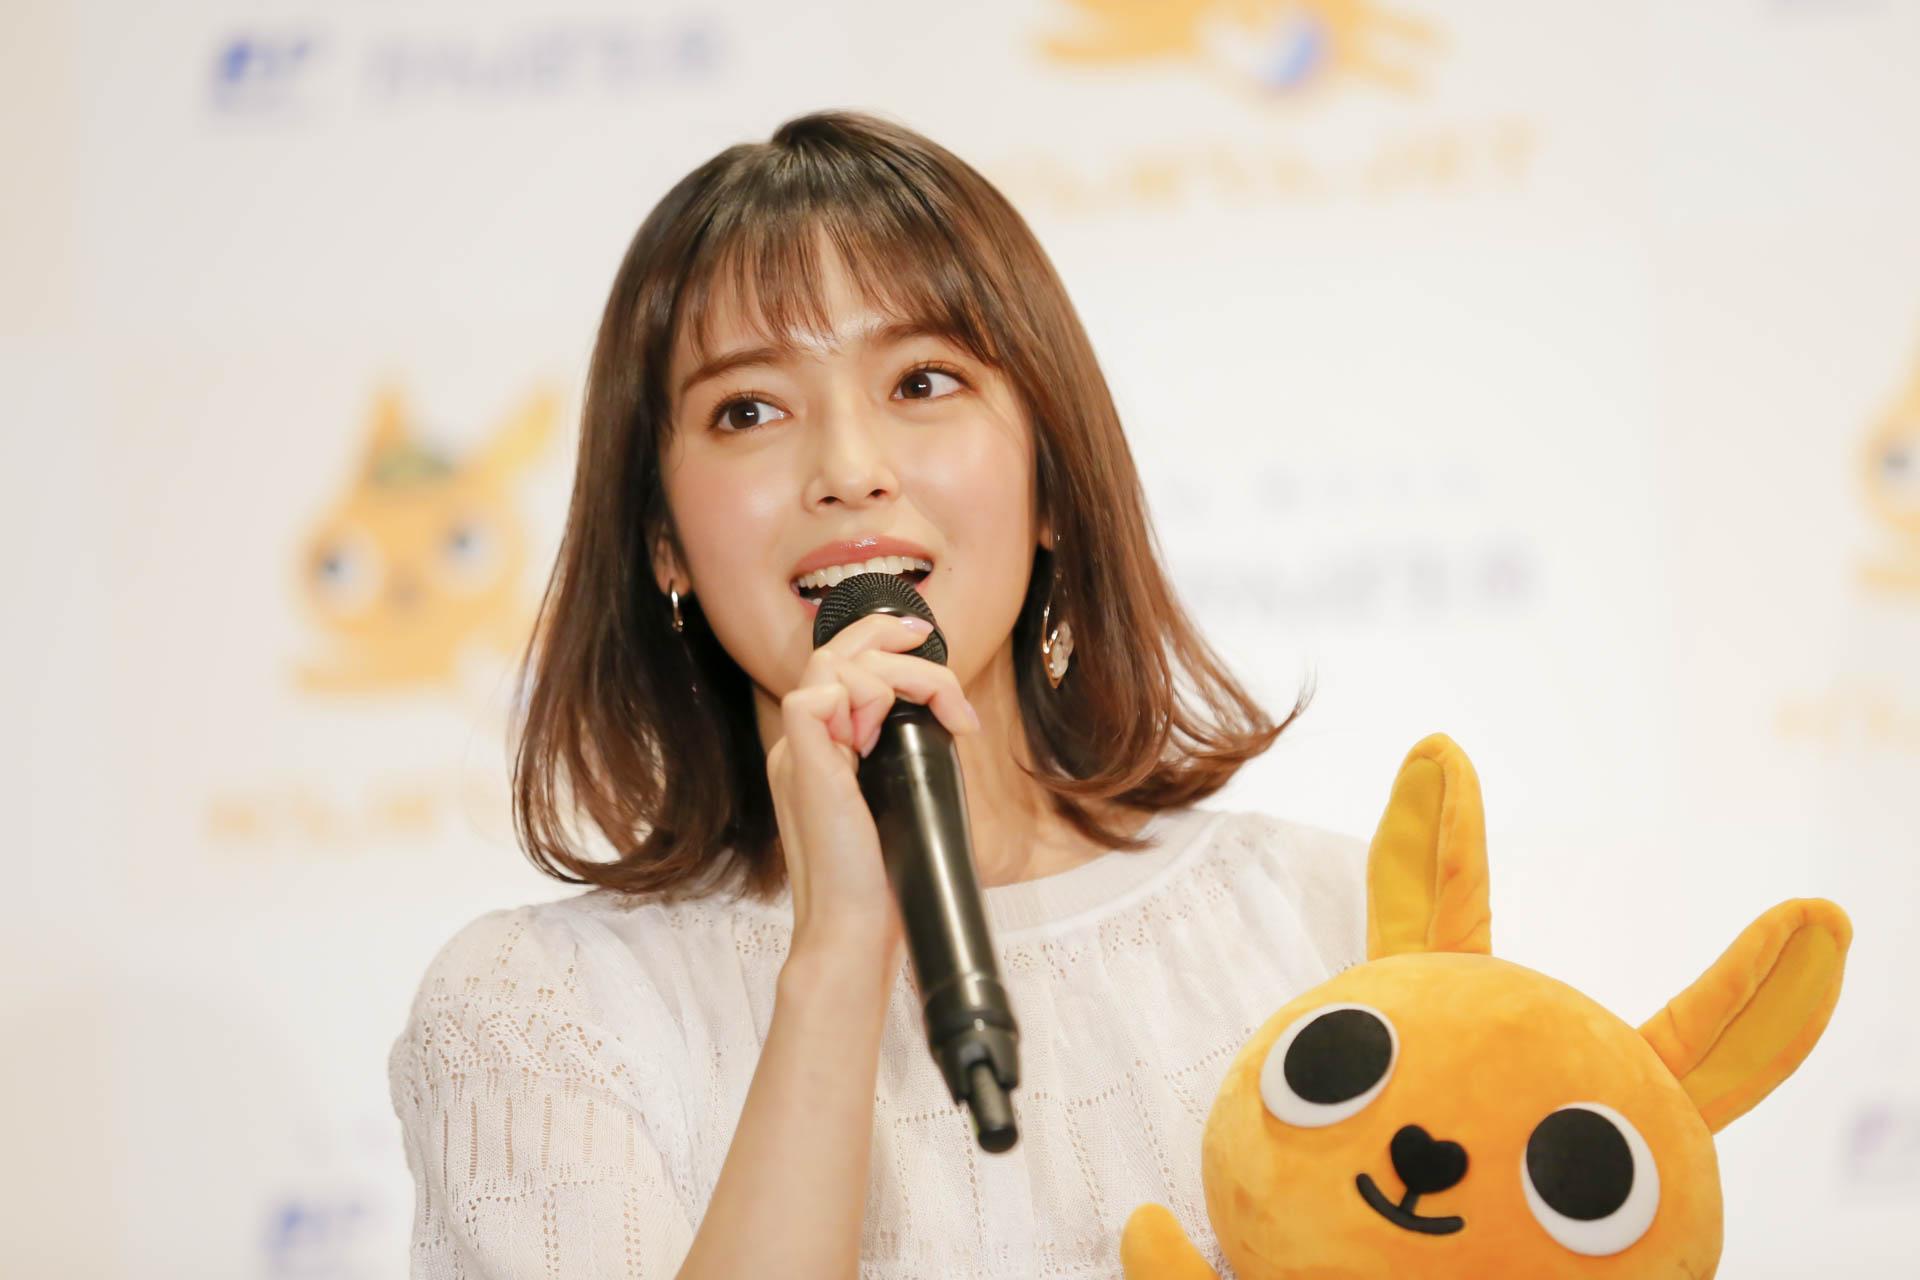 矢作穂香/「かんぽくんJET就航式イベント」にて(2019年1月10日)